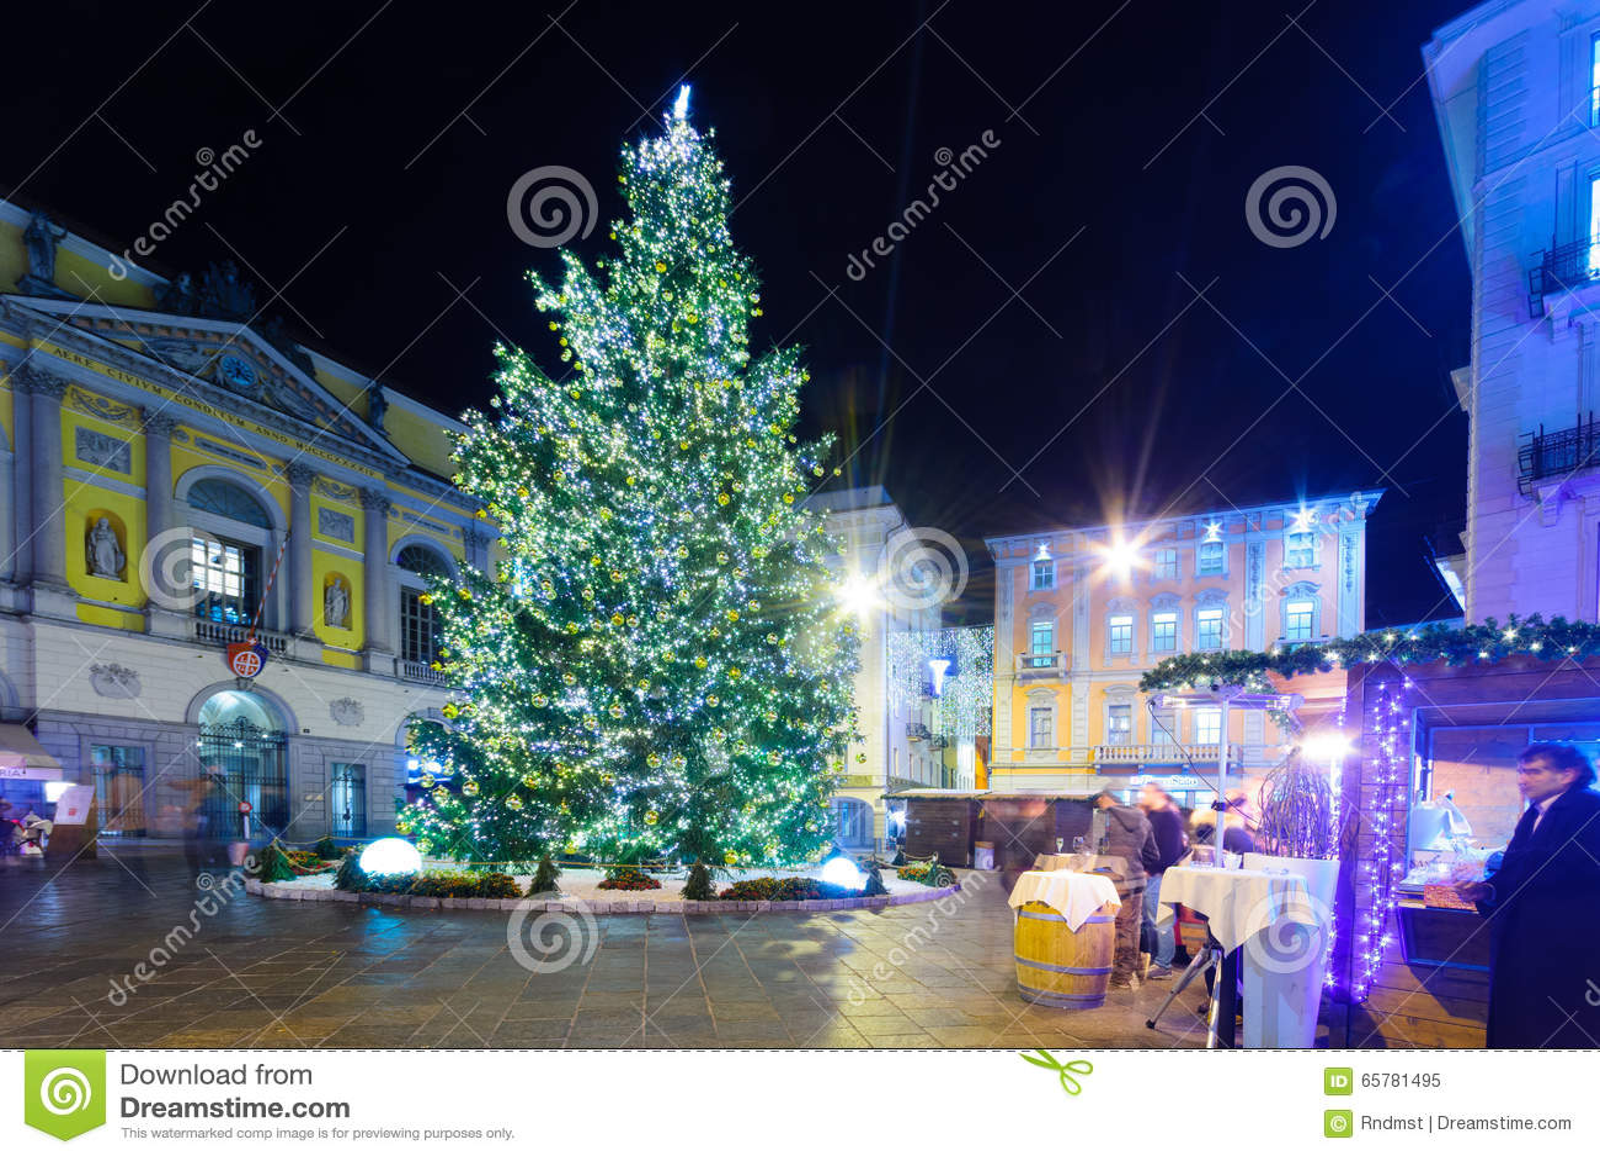 Decorazioni Natalizie Lugano.Natale A Lugano Immagine Editoriale Immagine Di Destinazione 65781495